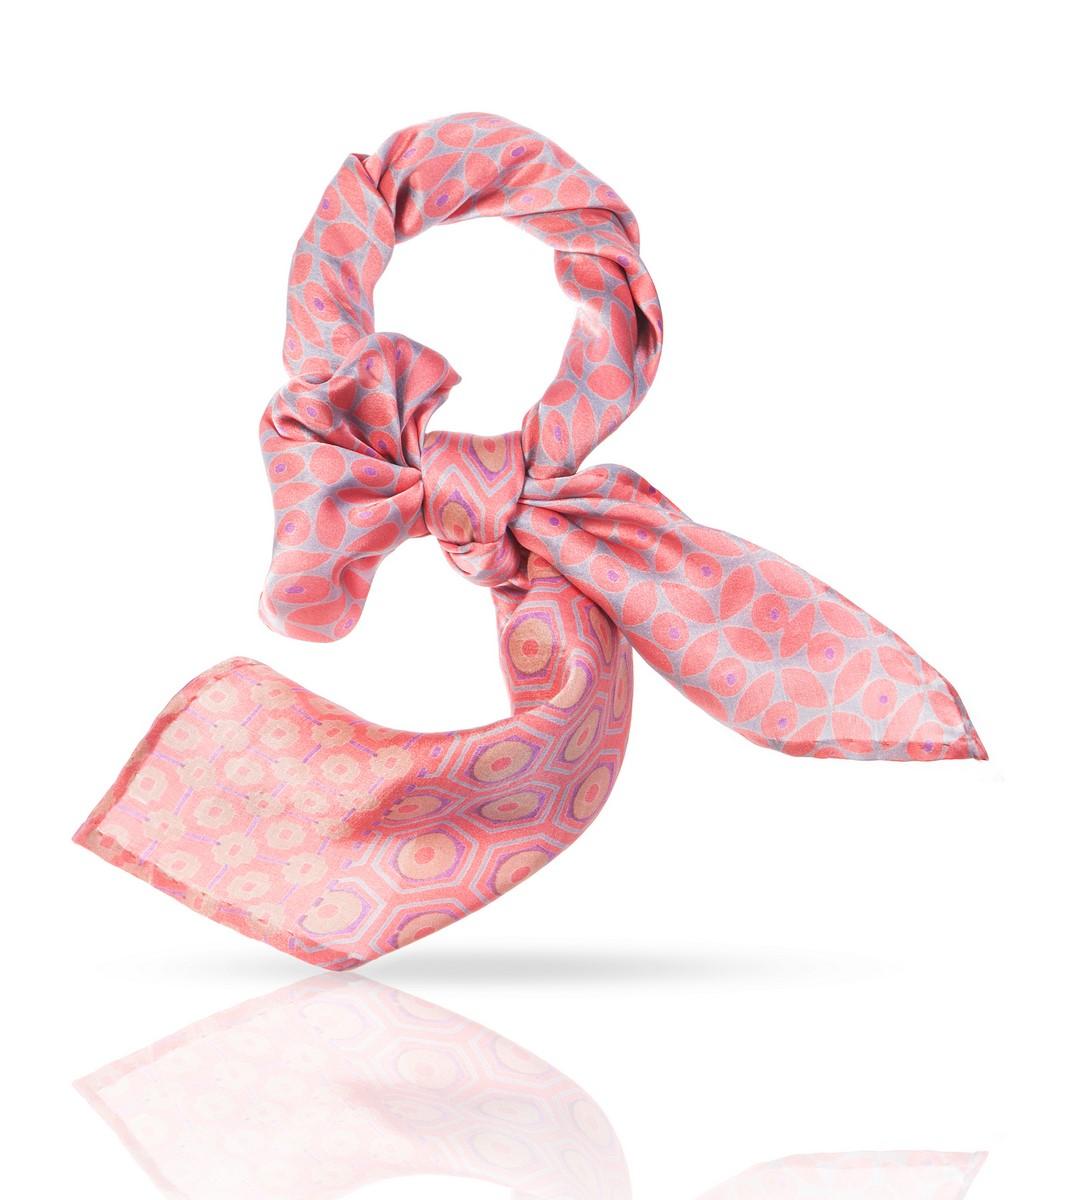 Платок Michel Katana, цвет: розовый. SS.KV-SMALL.FLORE. Размер 54 см х 54 смSS.KV-SMALL.FLORE.PINKНенавязчивый элегантный узор этого шейного платочка из 100% натурального шелка и удачное цветовое решение делают его идеальным дополнением к наряду в романтическом стиле. Он сыграет важную роль и в деловом костюме, ненавязчиво подчеркнув ваш изысканный вкус и внимание к деталям. Этот высококачественный аксессуар, при всей своей невесомости, скажет о своей носительнице многое: это женщина особенная, она умеет выбирать лучшее и уверенно несет свою уникальность.